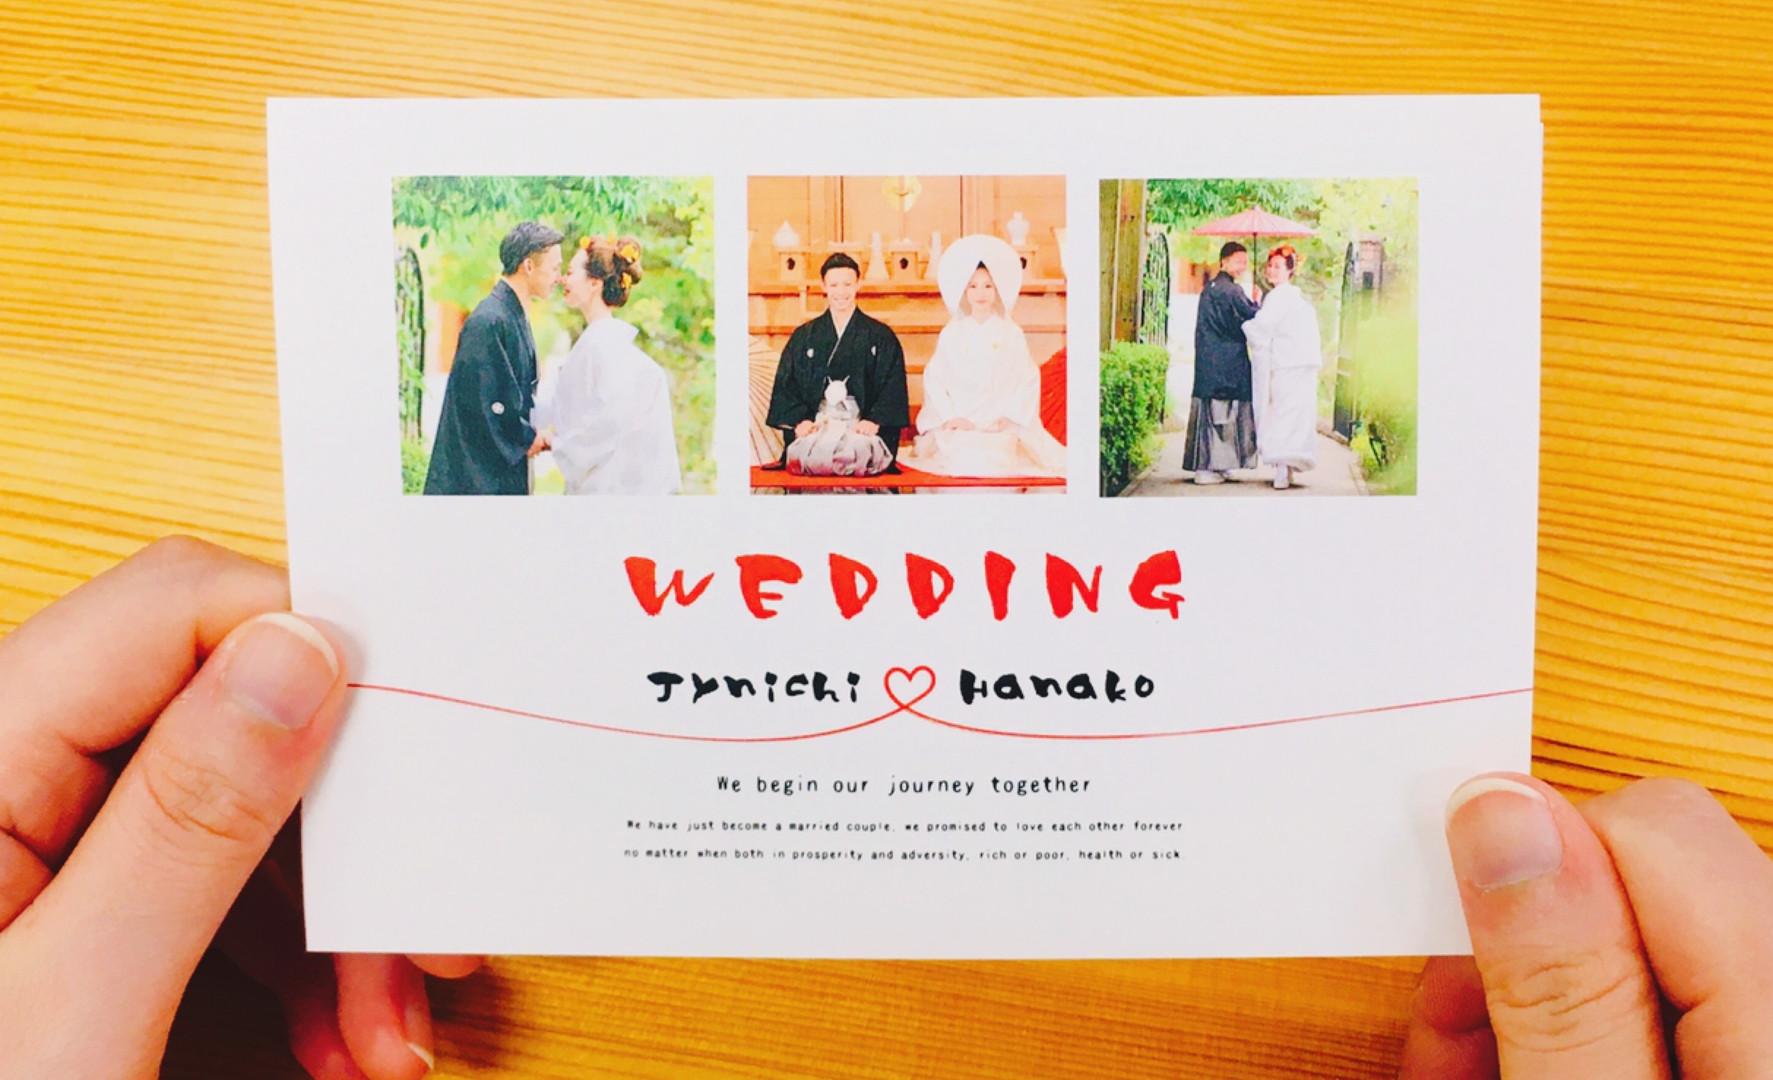 手持ち Just married デザイン9-C-1.jpg